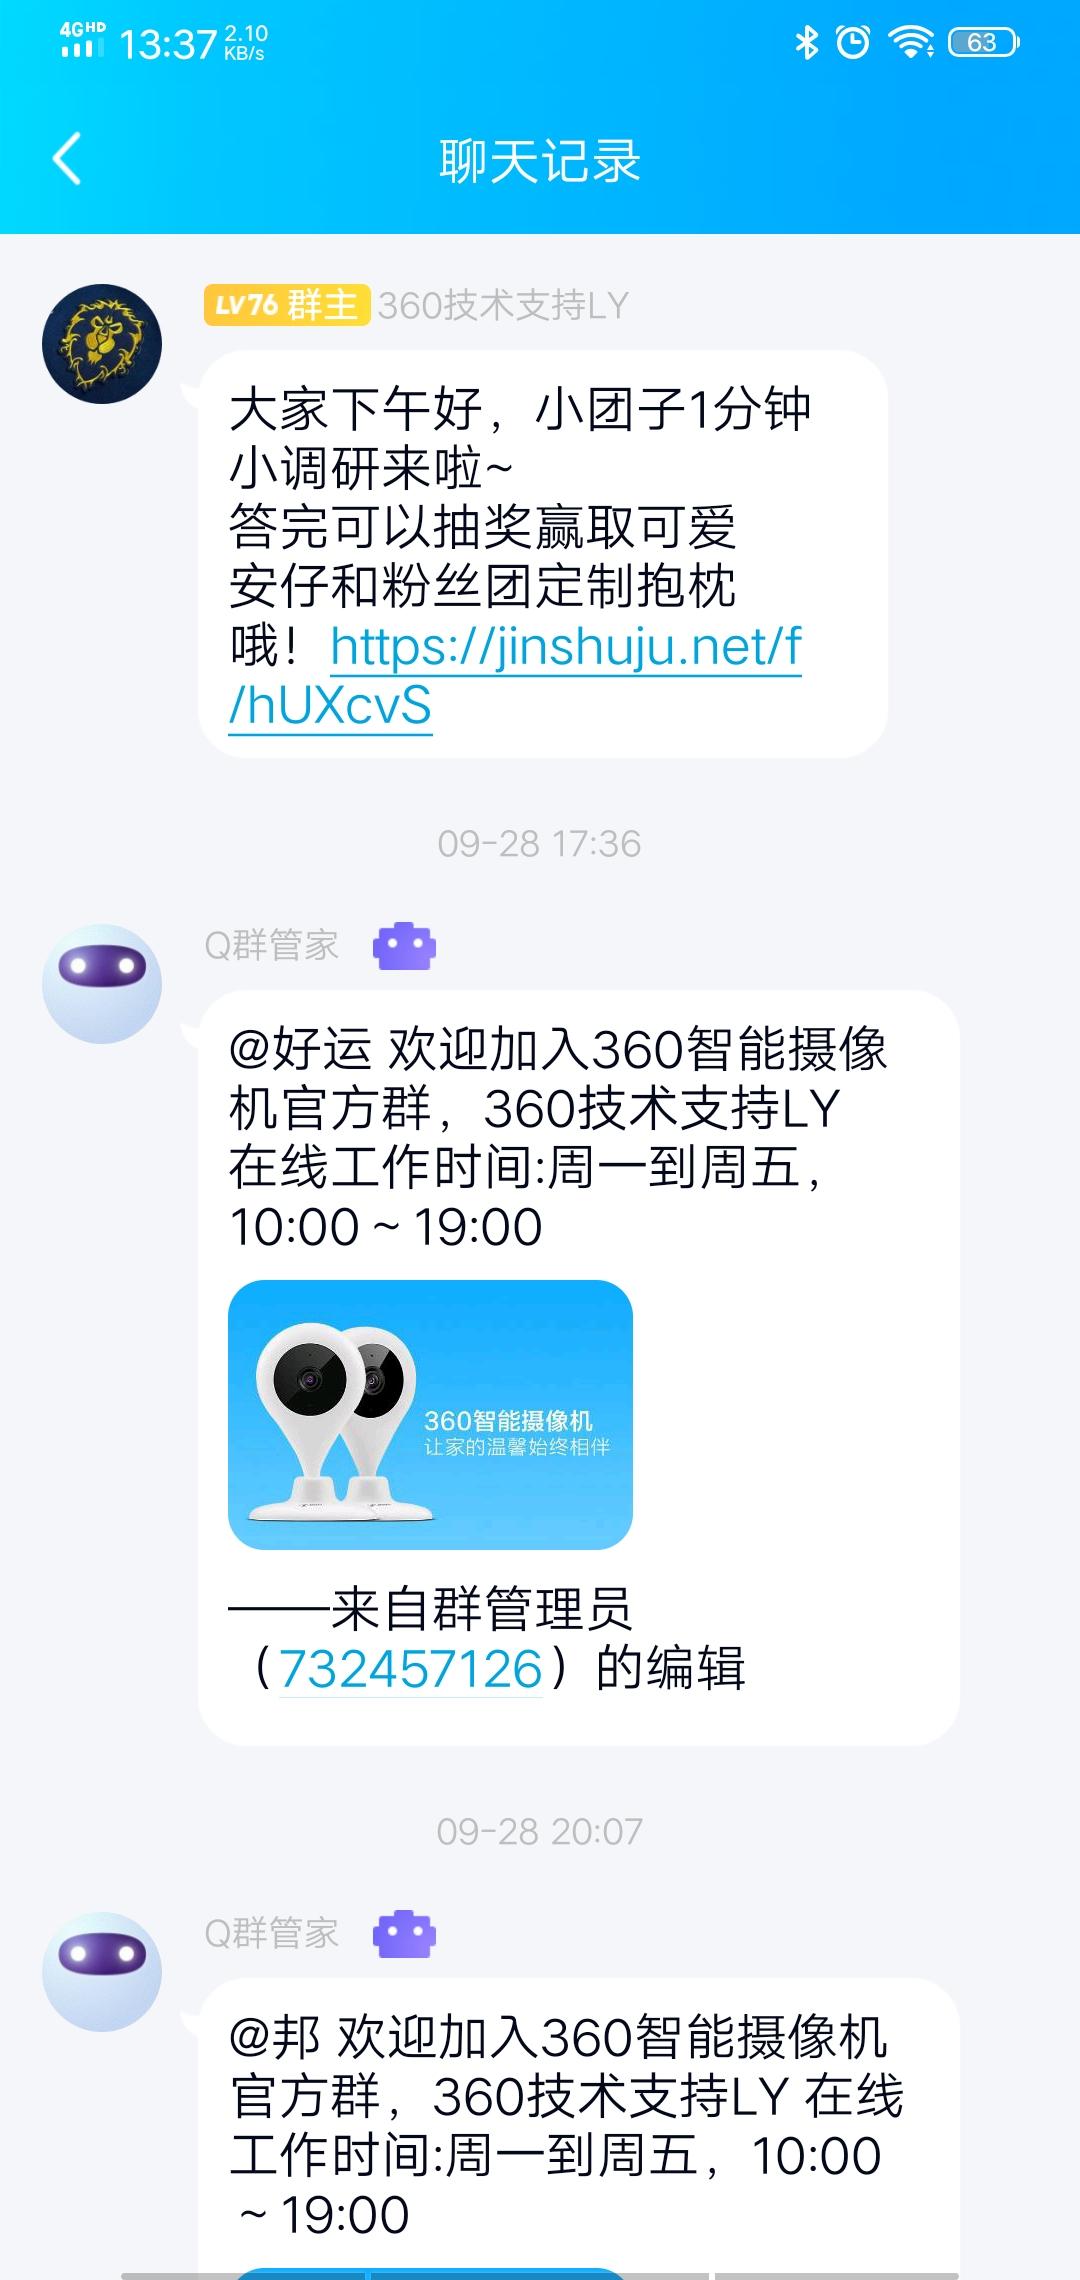 Screenshot_20201031_133727.jpg